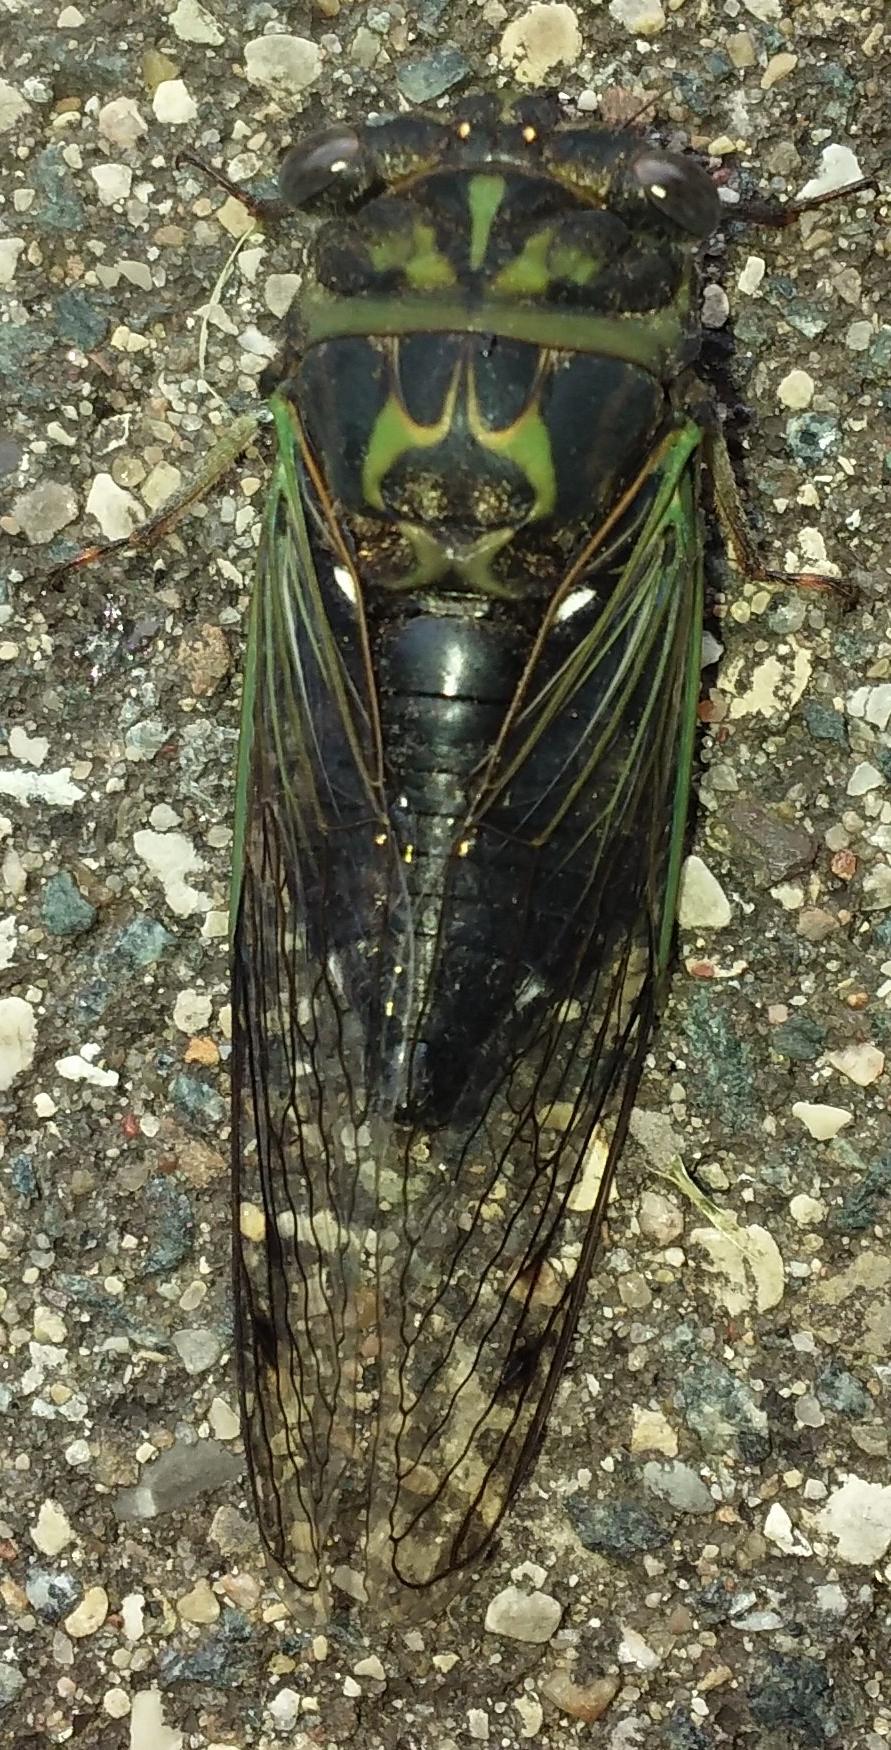 cicada on park path 090919